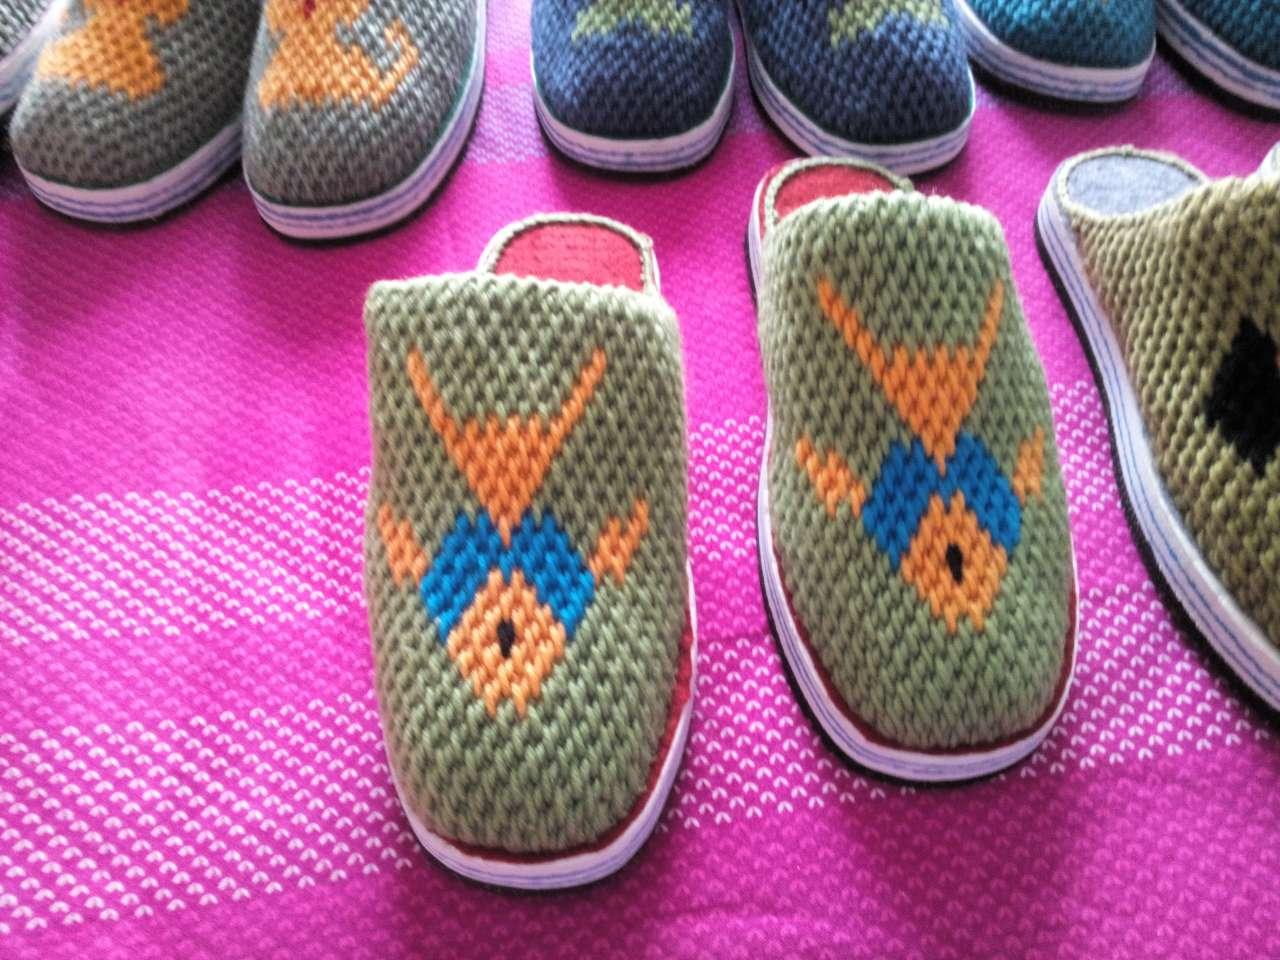 纯手工编织毛线拖鞋